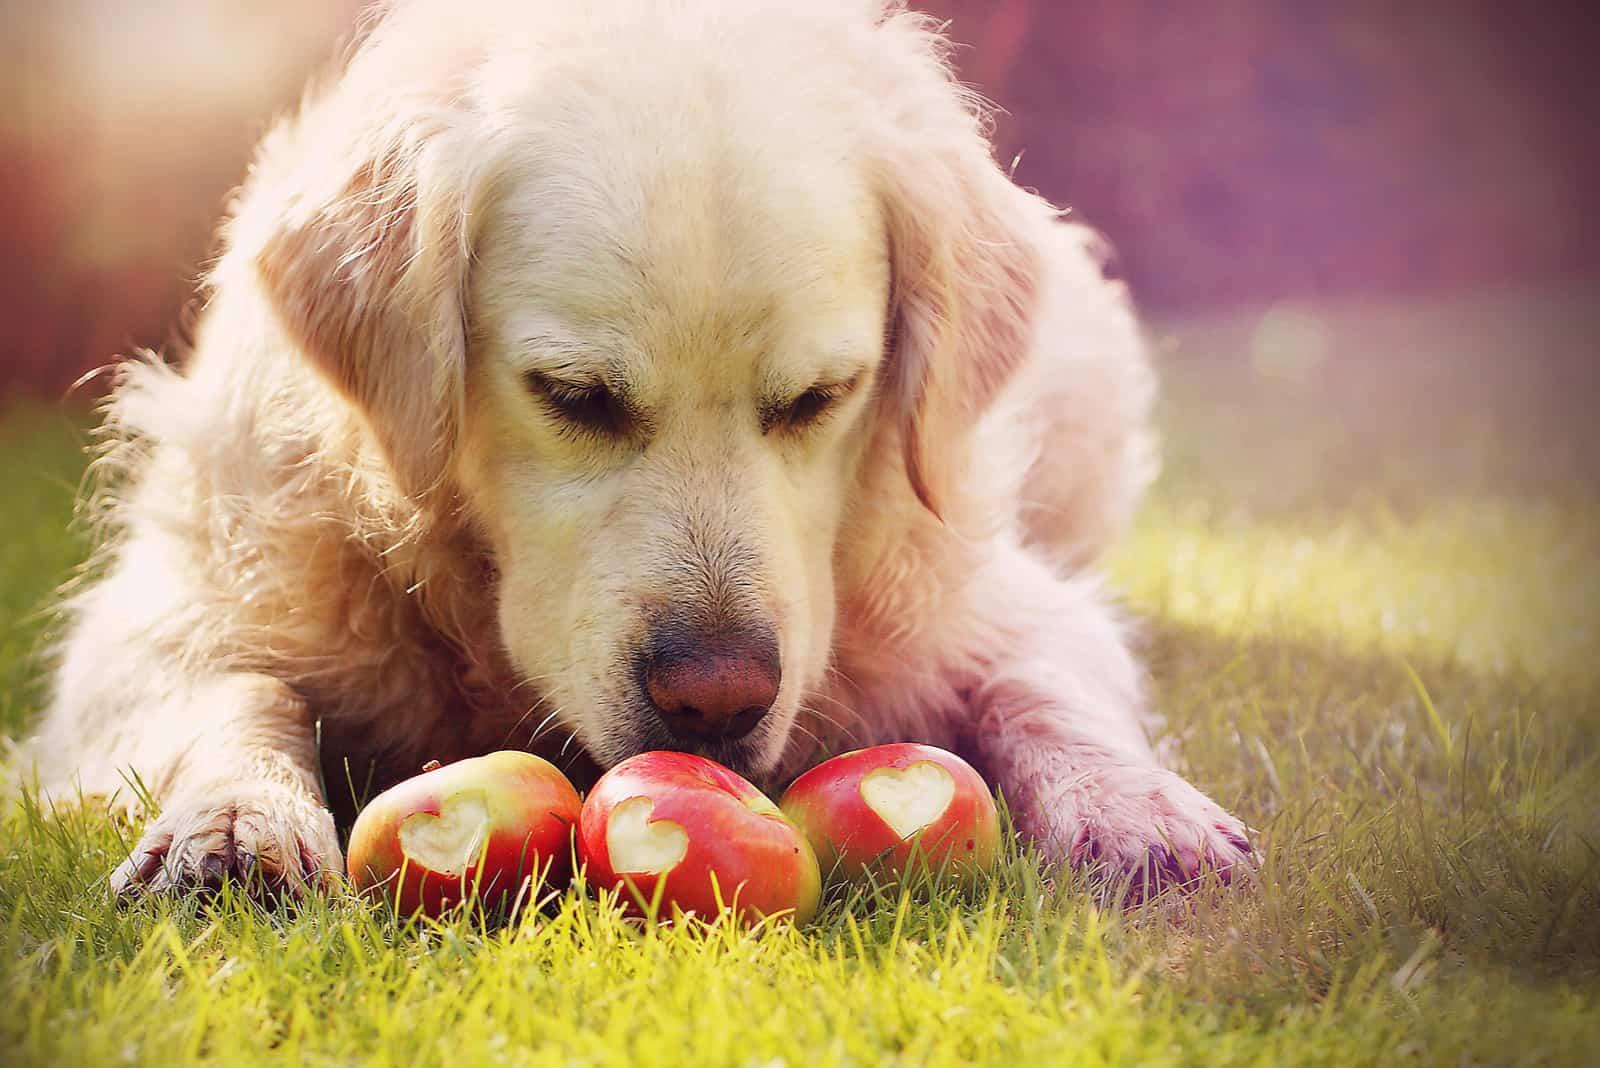 Ein Labrador Retriever liegt im Gras und isst Äpfel